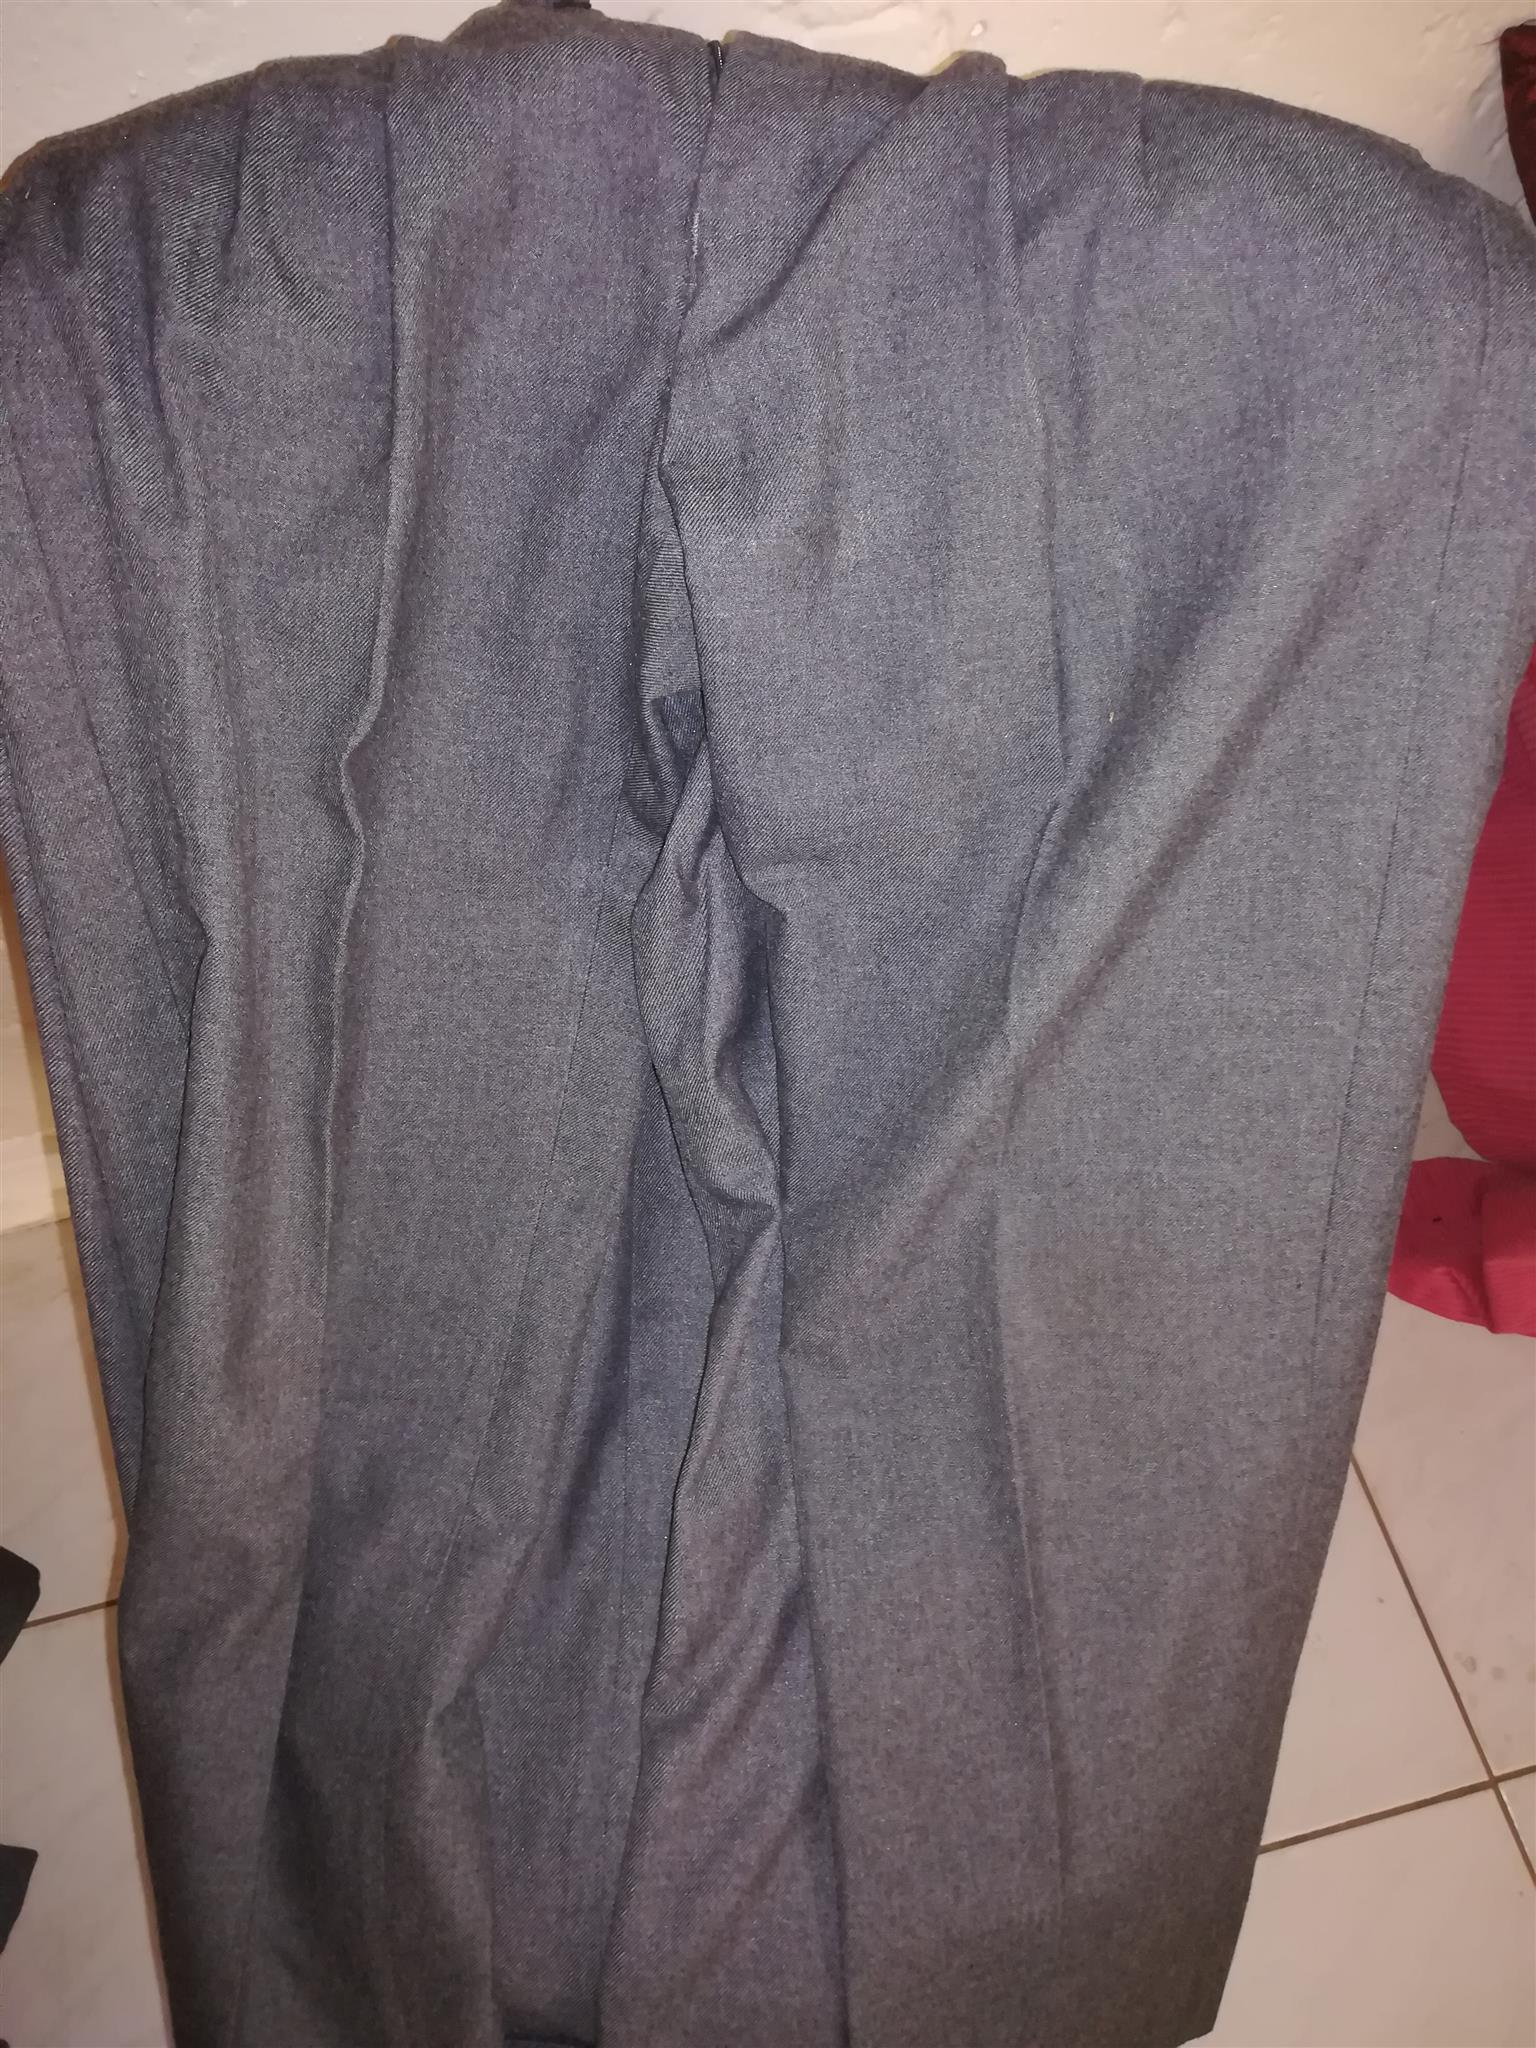 Boy's Long School Pants For Sale